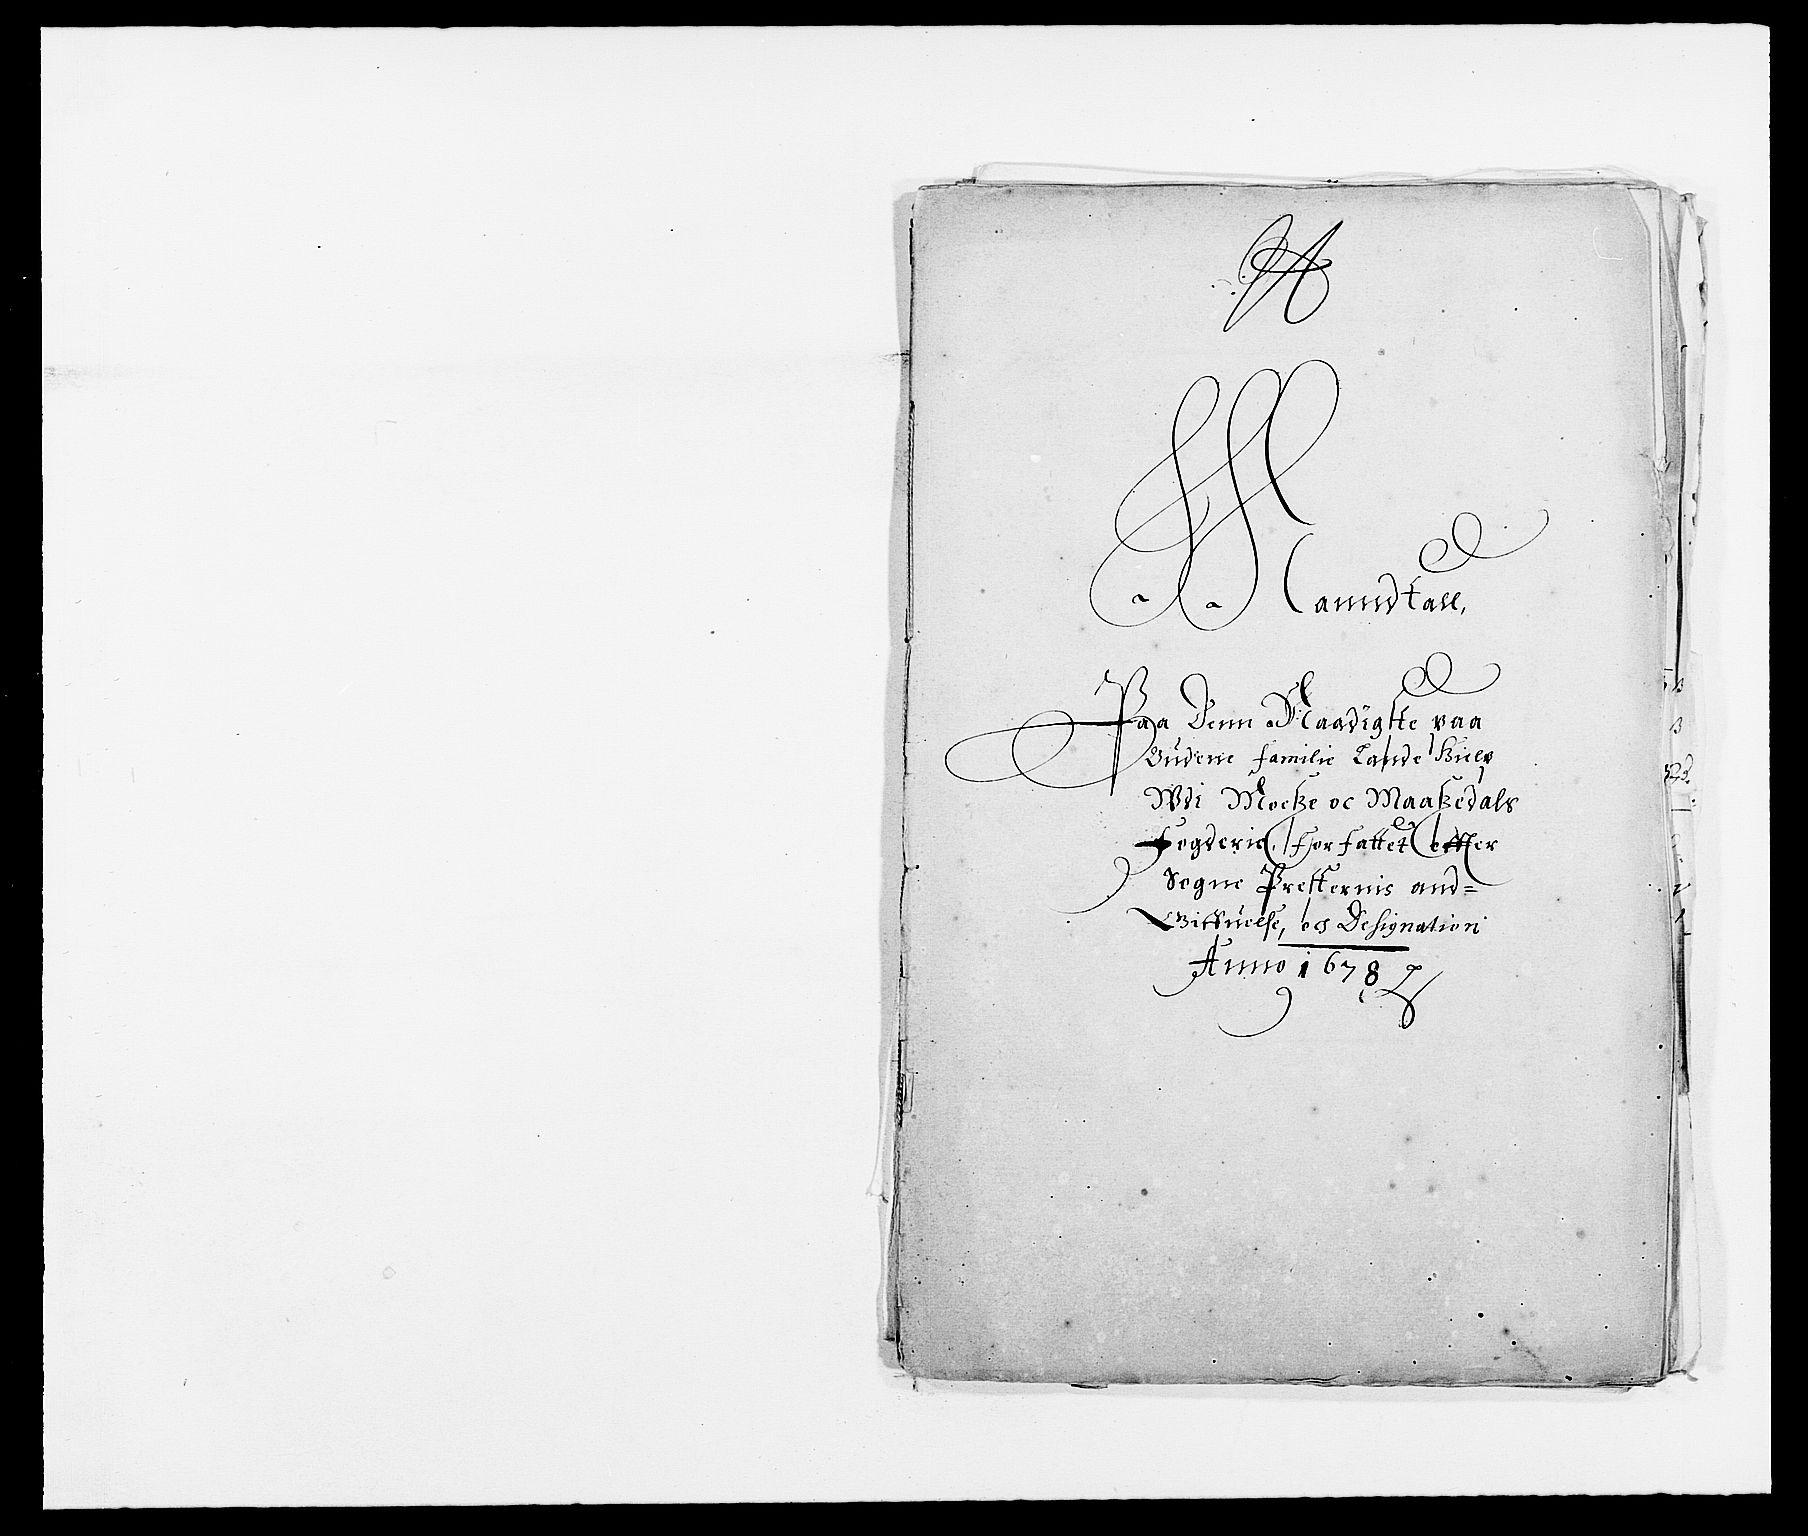 RA, Rentekammeret inntil 1814, Reviderte regnskaper, Fogderegnskap, R02/L0099: Fogderegnskap Moss og Verne kloster, 1678, s. 348